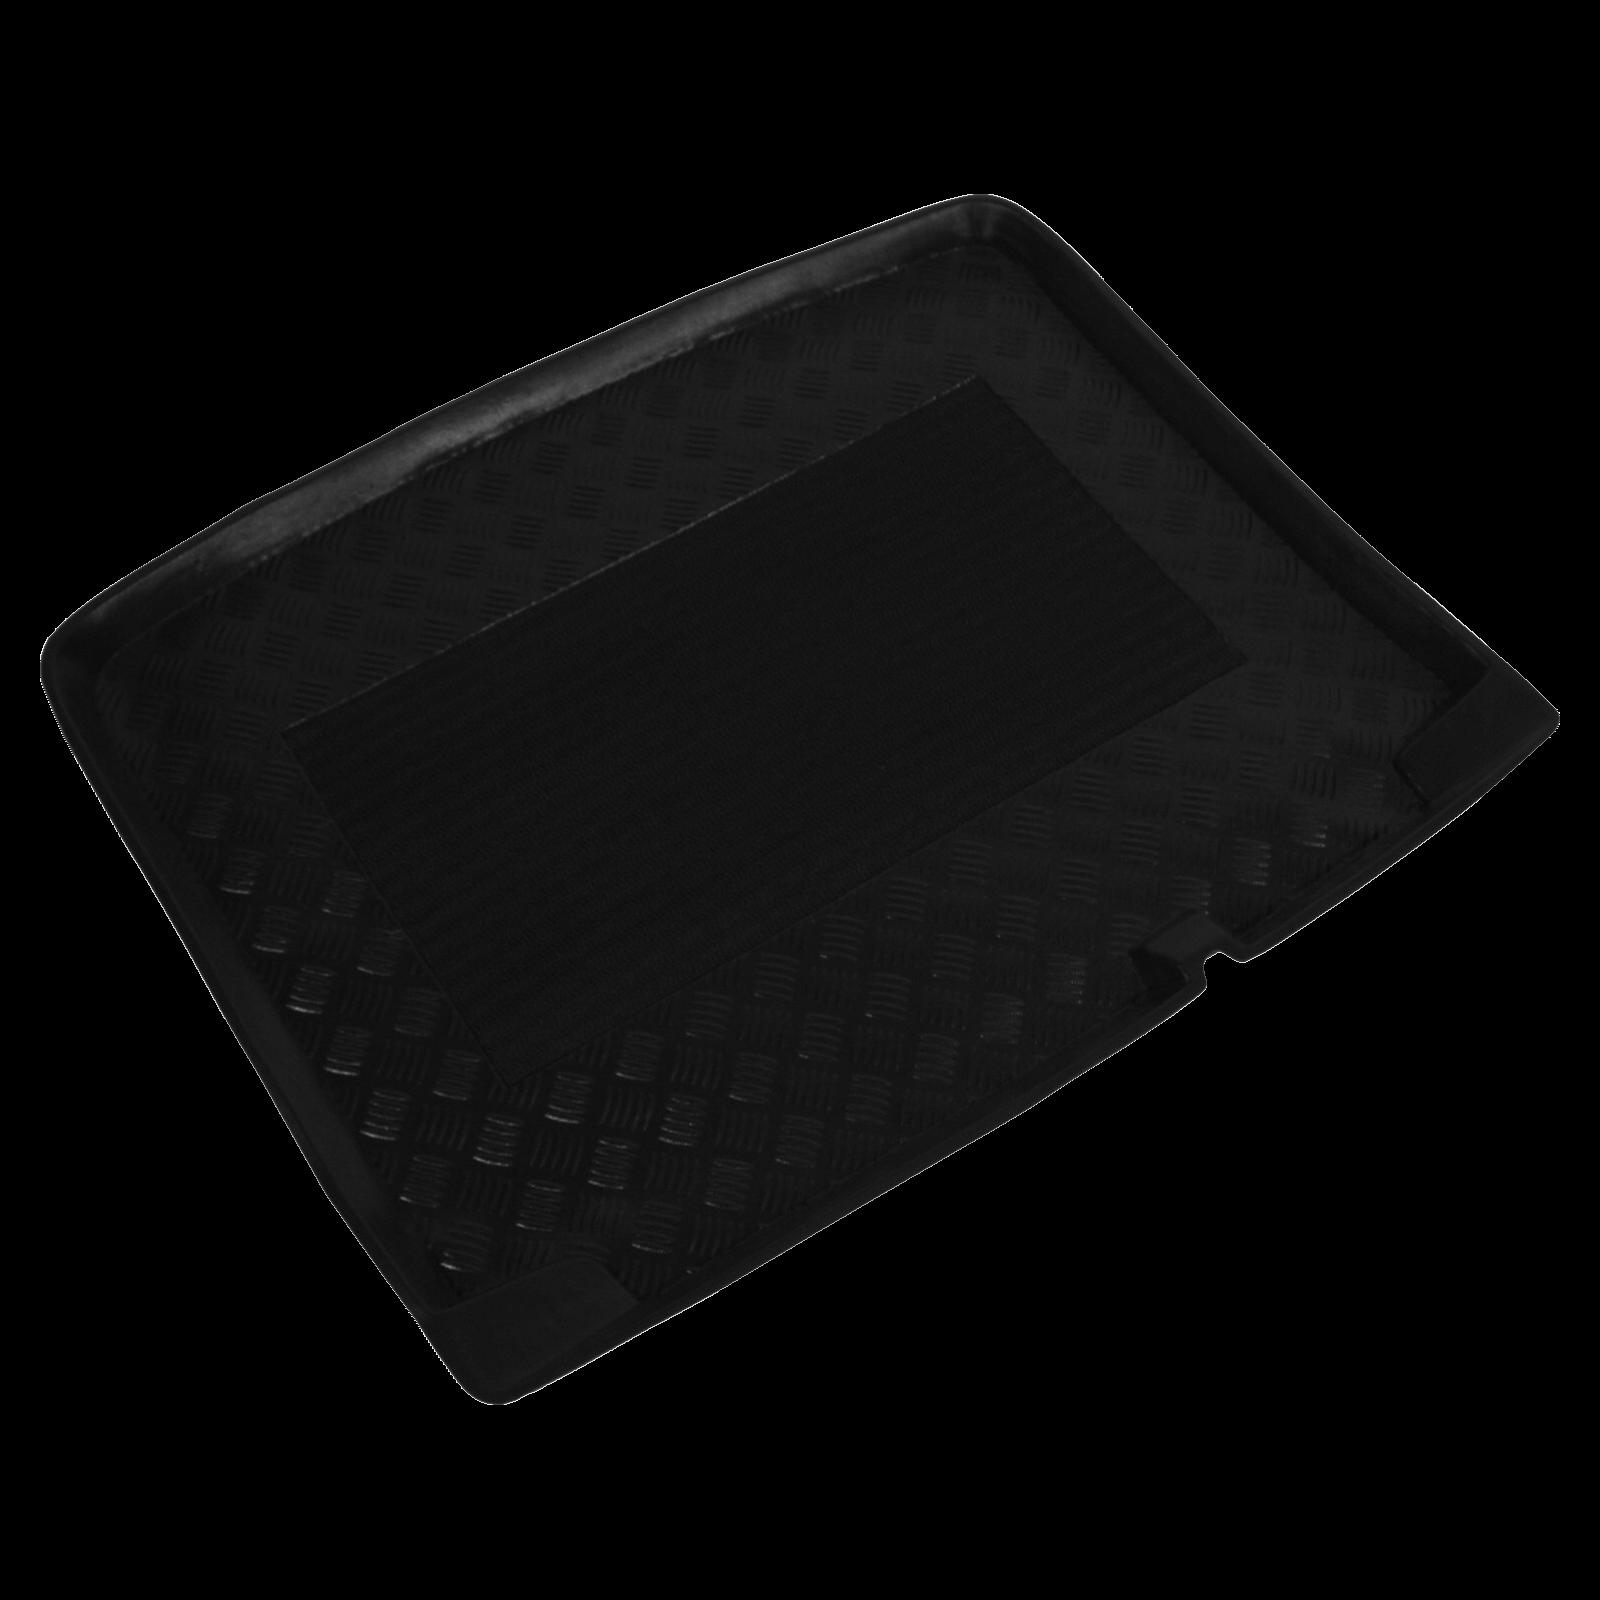 bac coffre noir pour vw golf iv bj. Black Bedroom Furniture Sets. Home Design Ideas